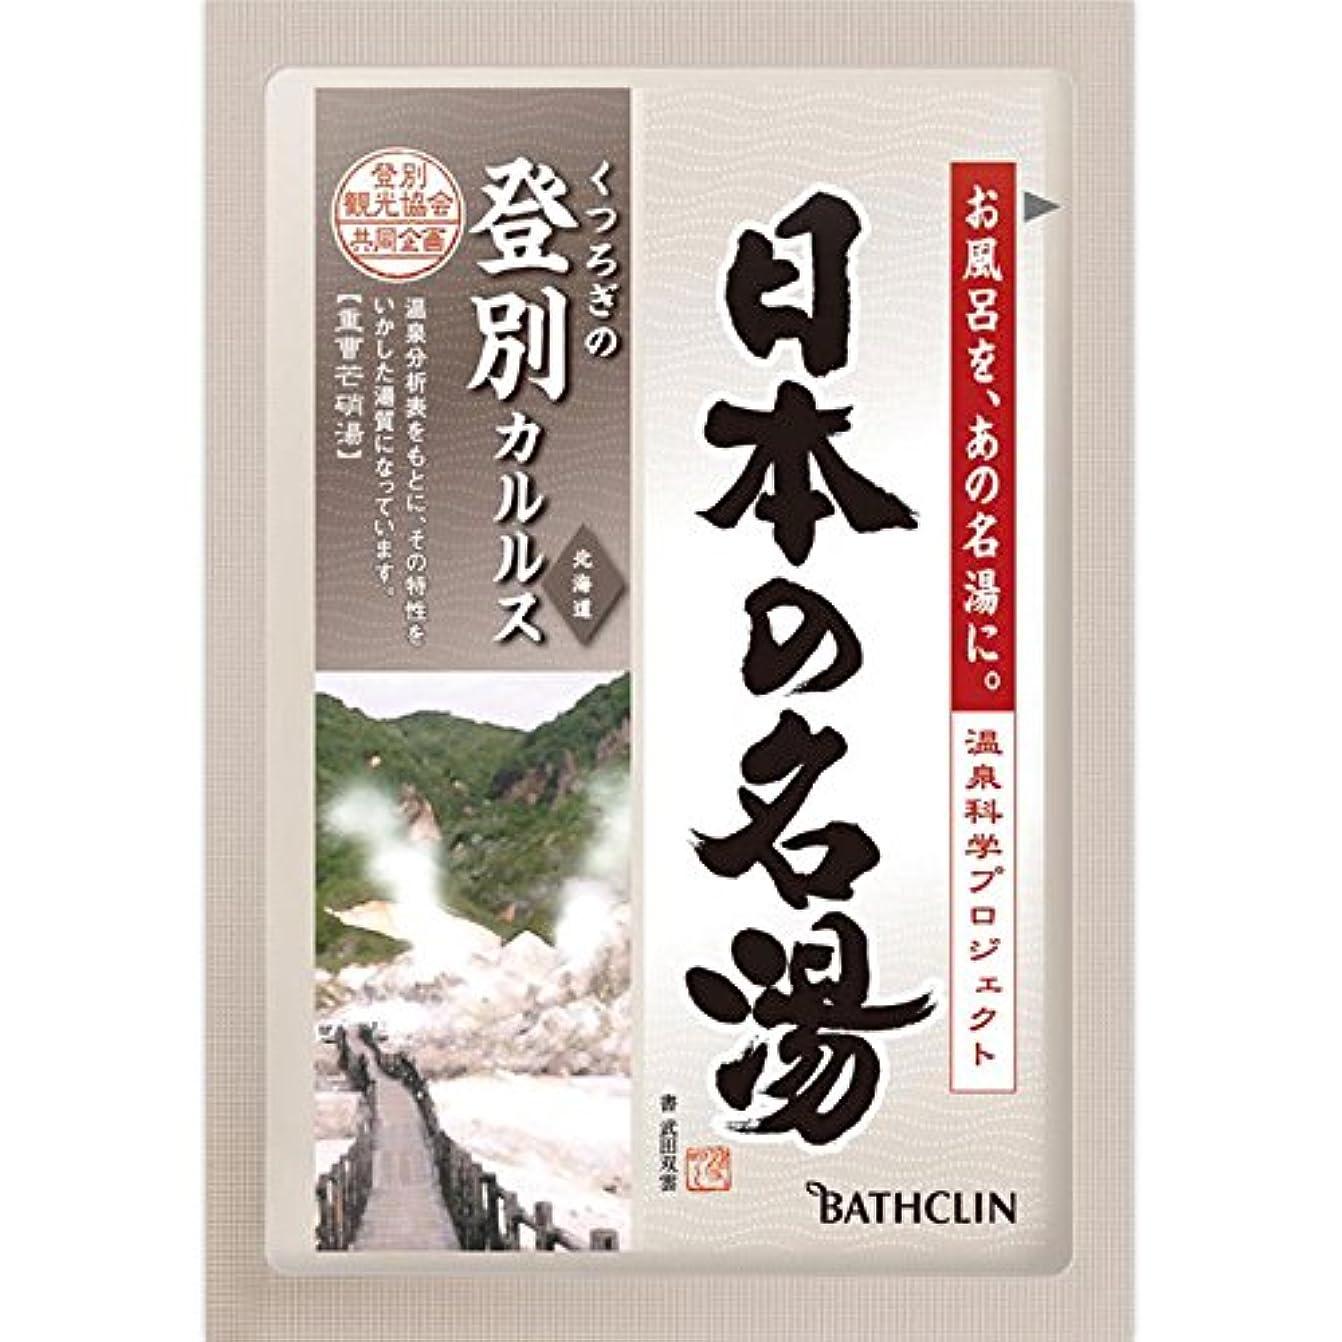 ポールジェームズダイソングローバスクリン 日本の名湯 登別カルルス 30g (医薬部外品)